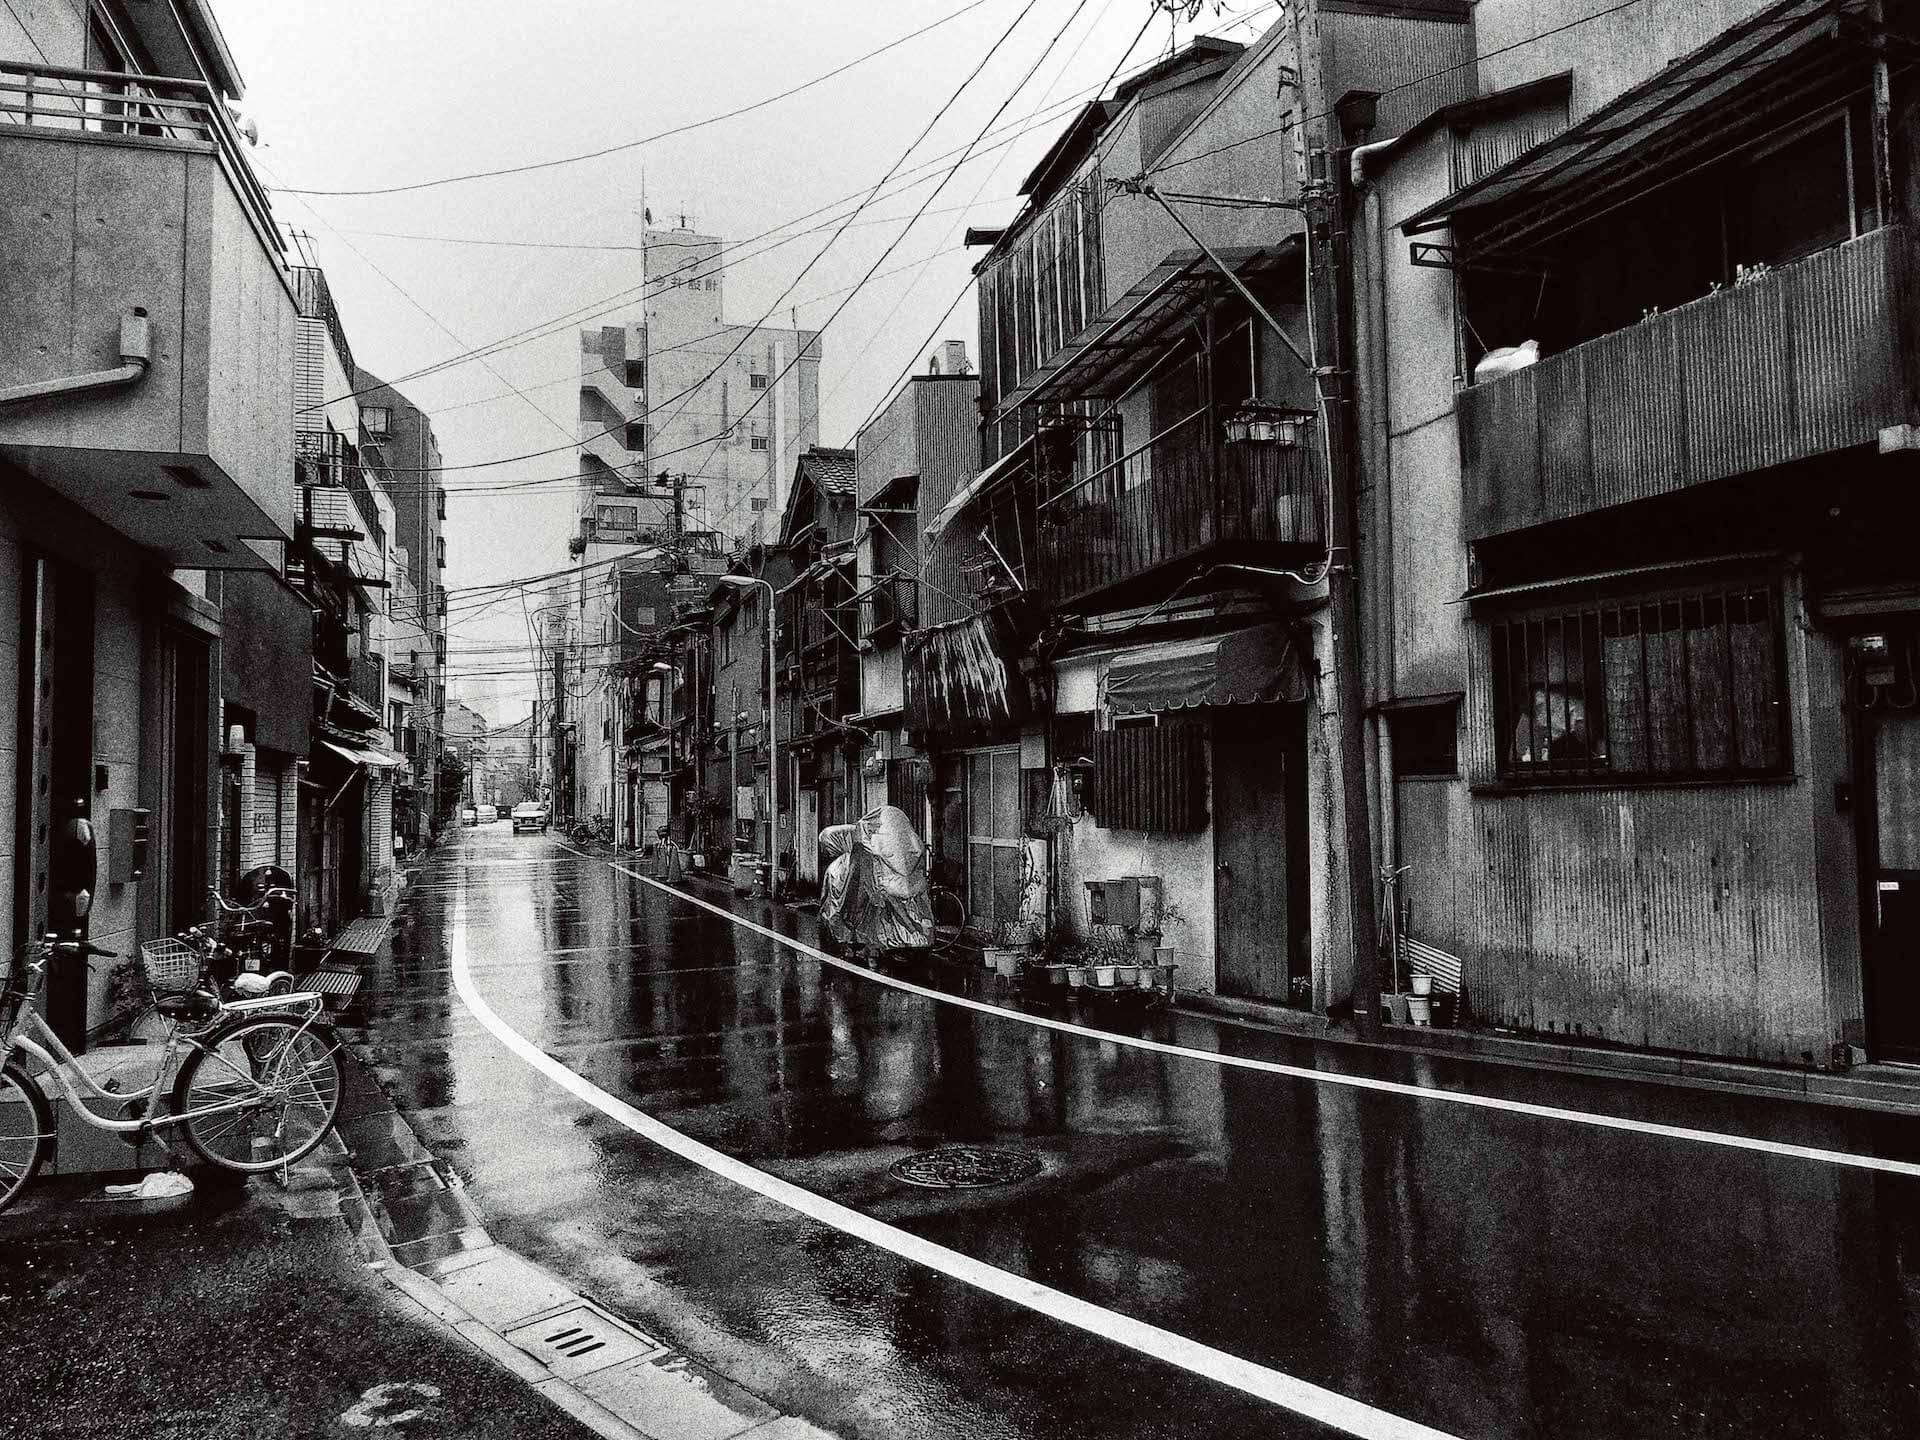 東京の路地裏を捉えた森山大道の写真集『Tokyo』が発売|撮影現場に同行したインタビュー動画公開&パネル展も開催 ac200714_daido_moriyama_02